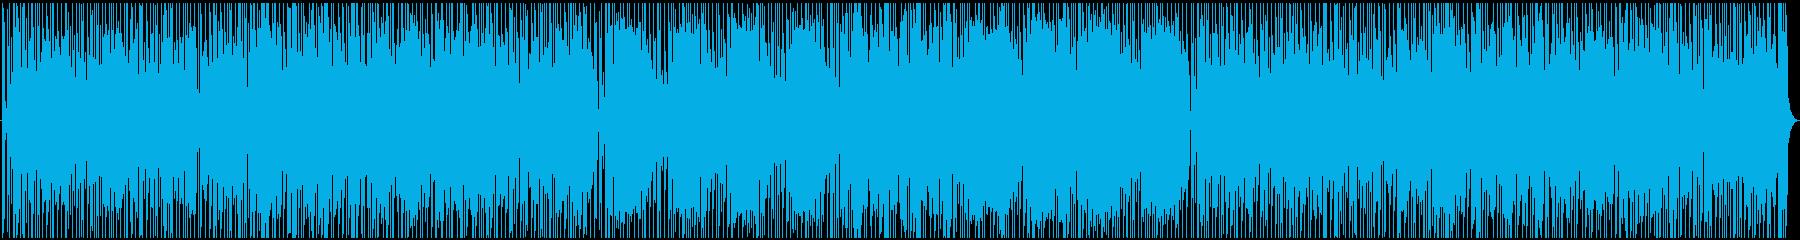 アコーディオンとアコースティックギ...の再生済みの波形